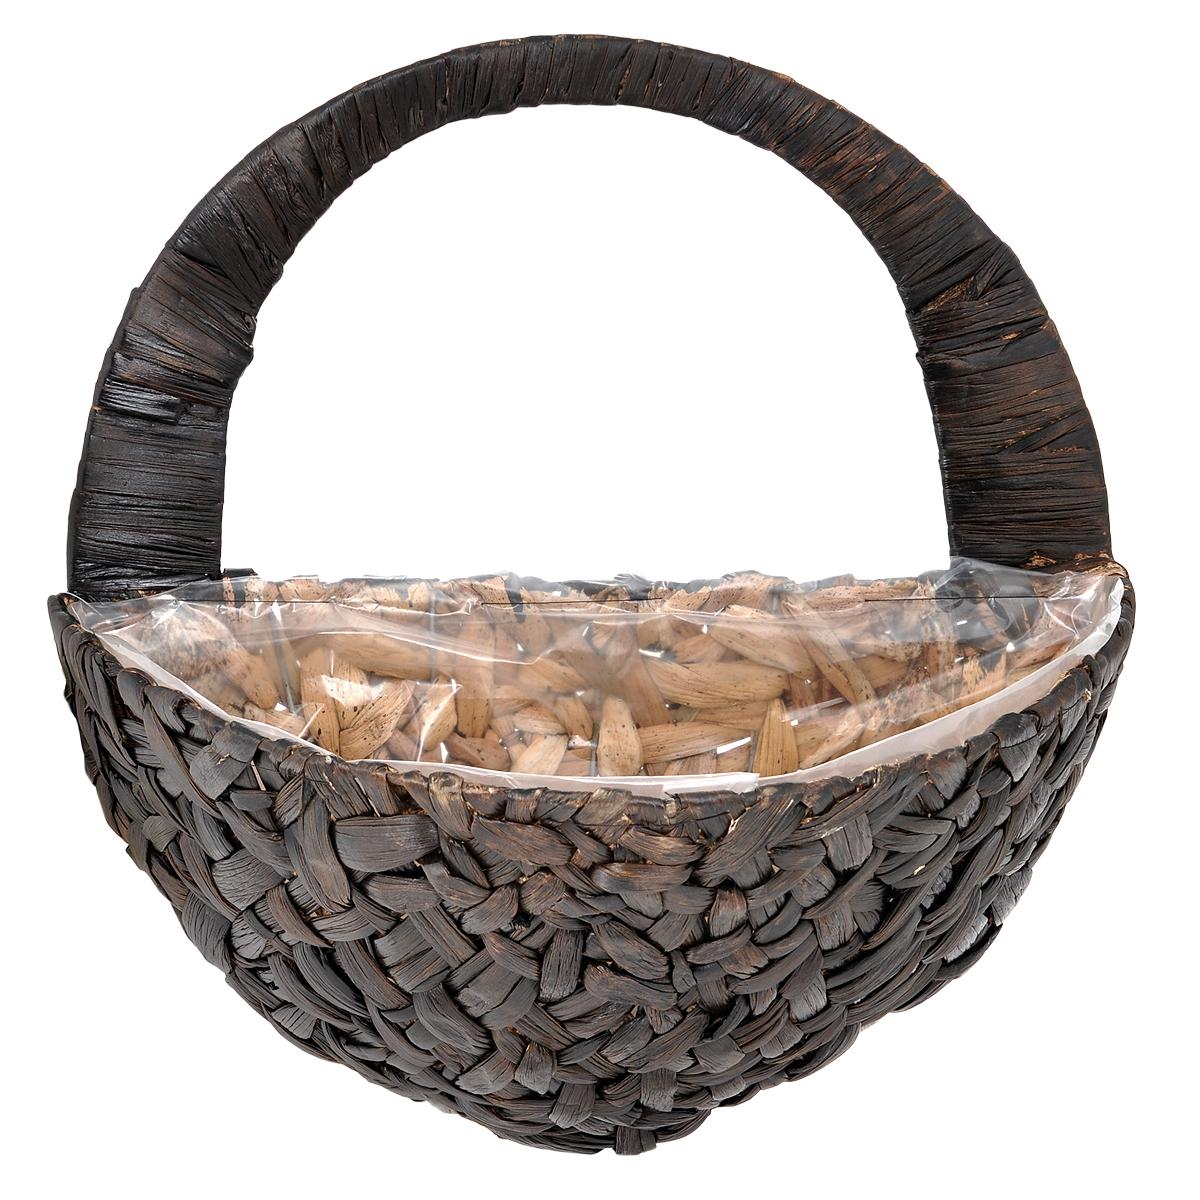 Кашпо настенное Gardman, 40 х 22 х 20 см 0278902789Настенное кашпо Gardman выполнено в виде плетеной корзинки из водного гиацинта. Каркас изготовлен из металла. Корзина уже оснащена специальной пленкой и полностью готова для посадки растений. Прекрасно подходит для цветов.Кашпо часто становятся последним штрихом, который совершенно изменяет интерьер помещения или ландшафтный дизайн сада. Благодаря такому кашпо вы сможете украсить вашу комнату, офис или сад. Характеристики: Материал: металл, водный гиацинт. Размер углубления для посадки (ДхШхВ): 40 см х 22 см х 20 см. Общий размер кашпо (ДхШхВ): 40 см х 22 см х 40 см. Товары для садоводства от Gardman - это вещи, сделанные с любовью, с истинно английской практичностью, основанной на глубоких традициях садоводства Великобритании. Эти товары широко известны садоводам Европы, США, Канады и Японии. Демократичные цены и продуманный ассортимент Gardman завоевал признательность и российского покупателя, достойного хороших, качественных вещей. В ассортименте Gardman есть практически все, что нужно современному садоводу - от совочка для рассады до предметов декора и ландшафтного дизайна.